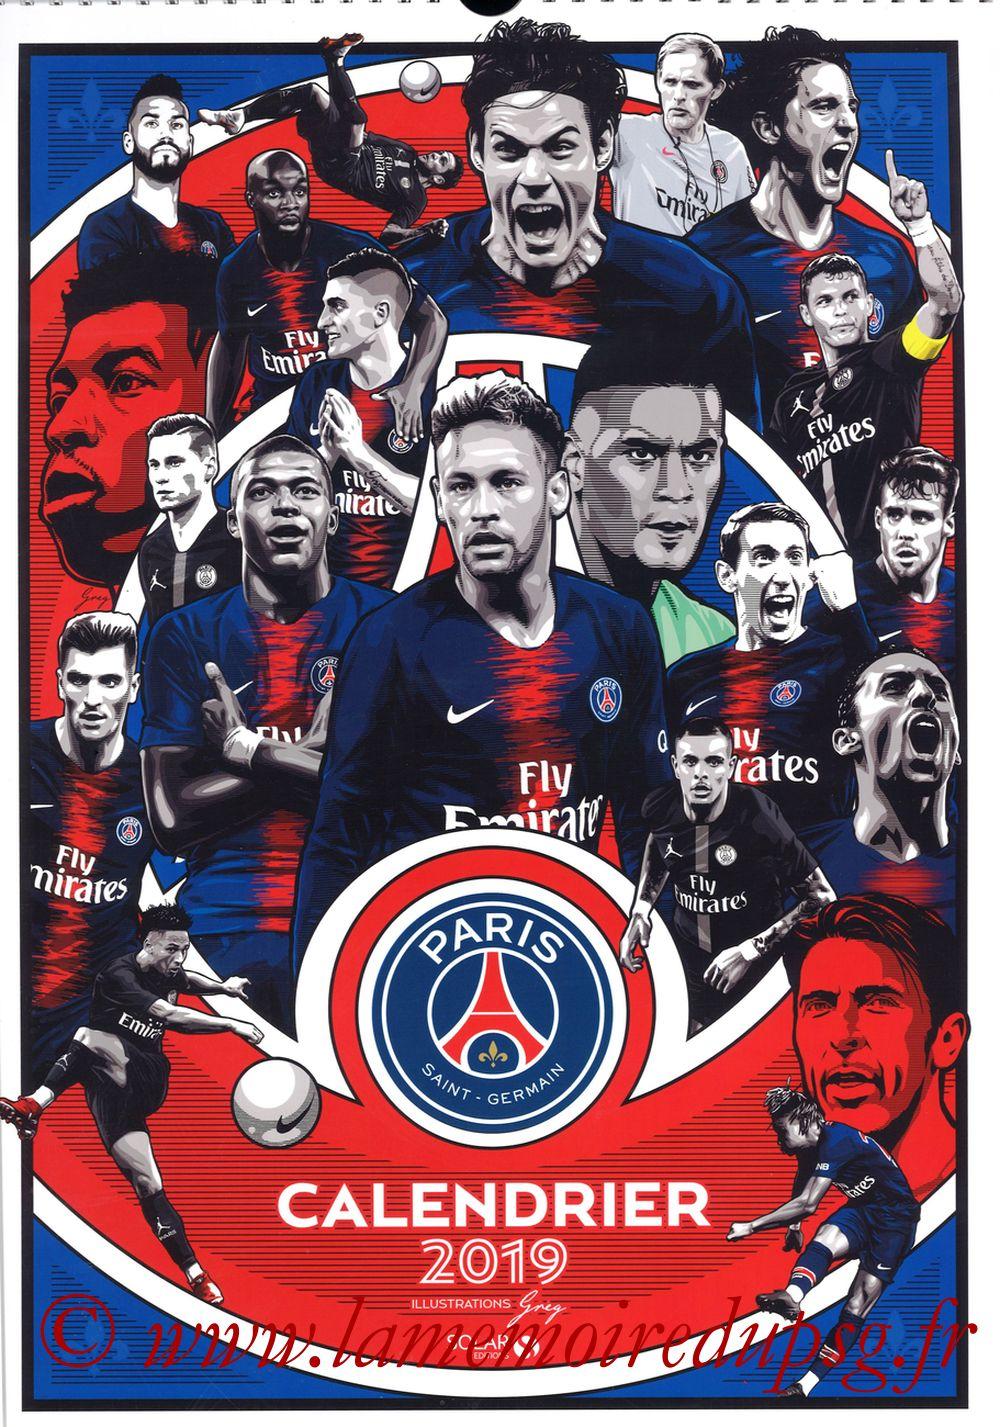 Calendrier PSG 2019 - Couverture